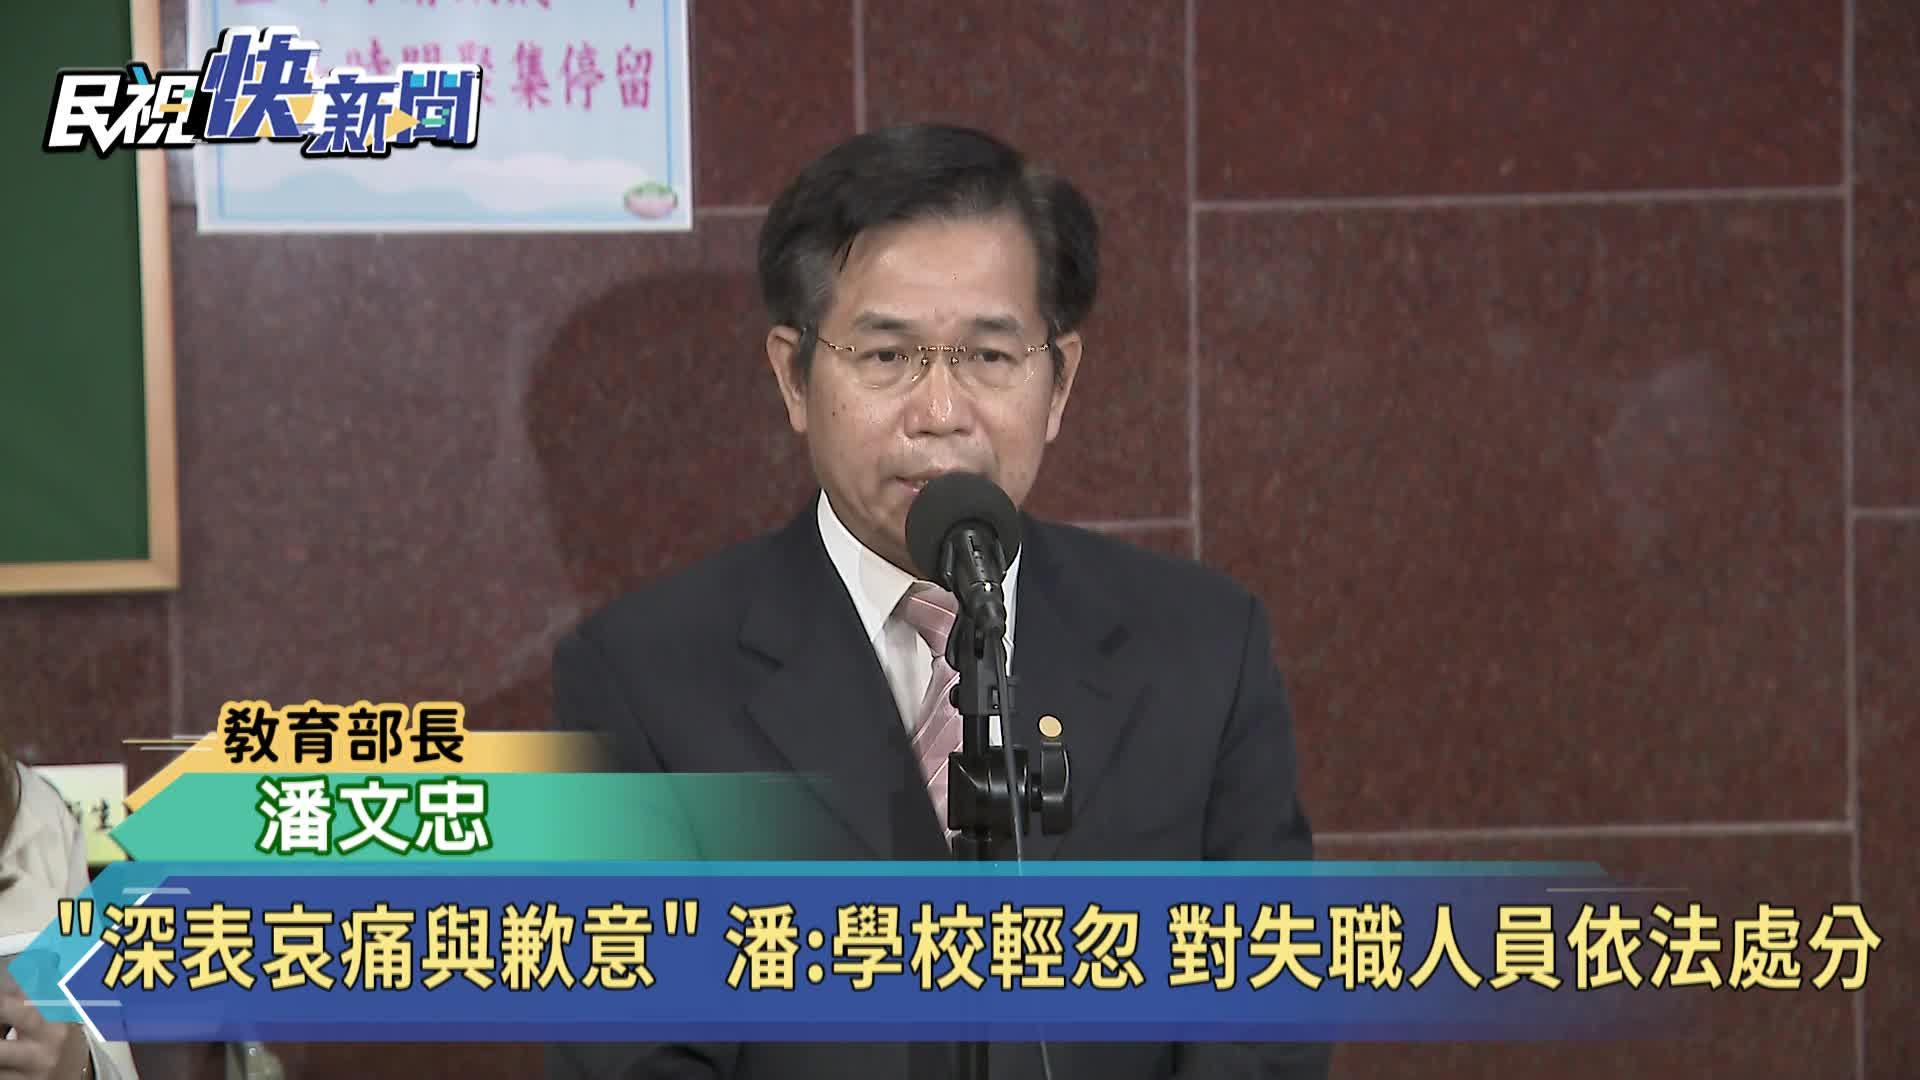 快新聞/向馬國女大生致歉 潘文忠:學校輕忽了 對失職人員依法處分